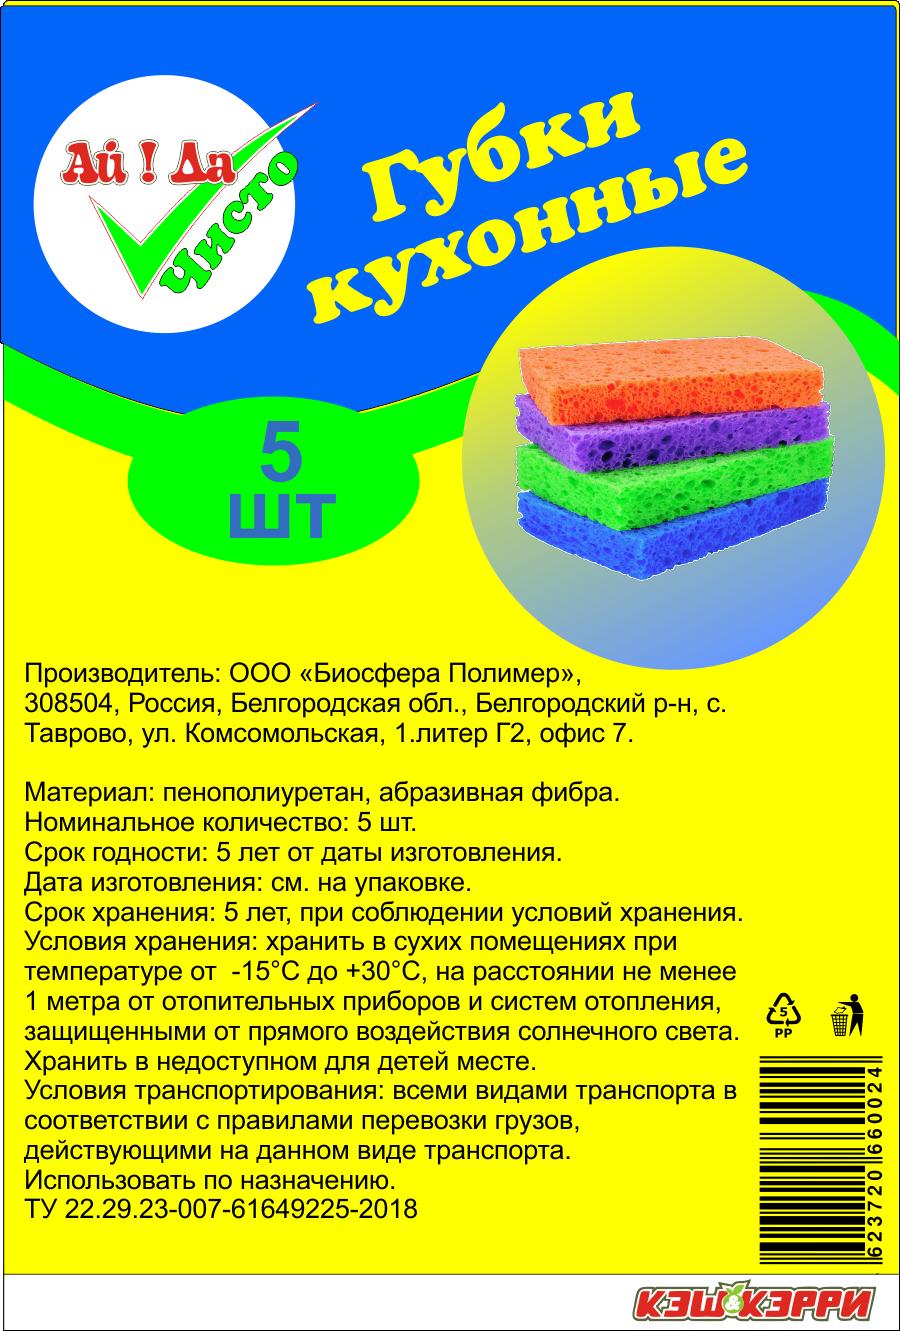 Дизайн логотипа и упаковки СТМ фото f_1875c5e93dbc74bd.png